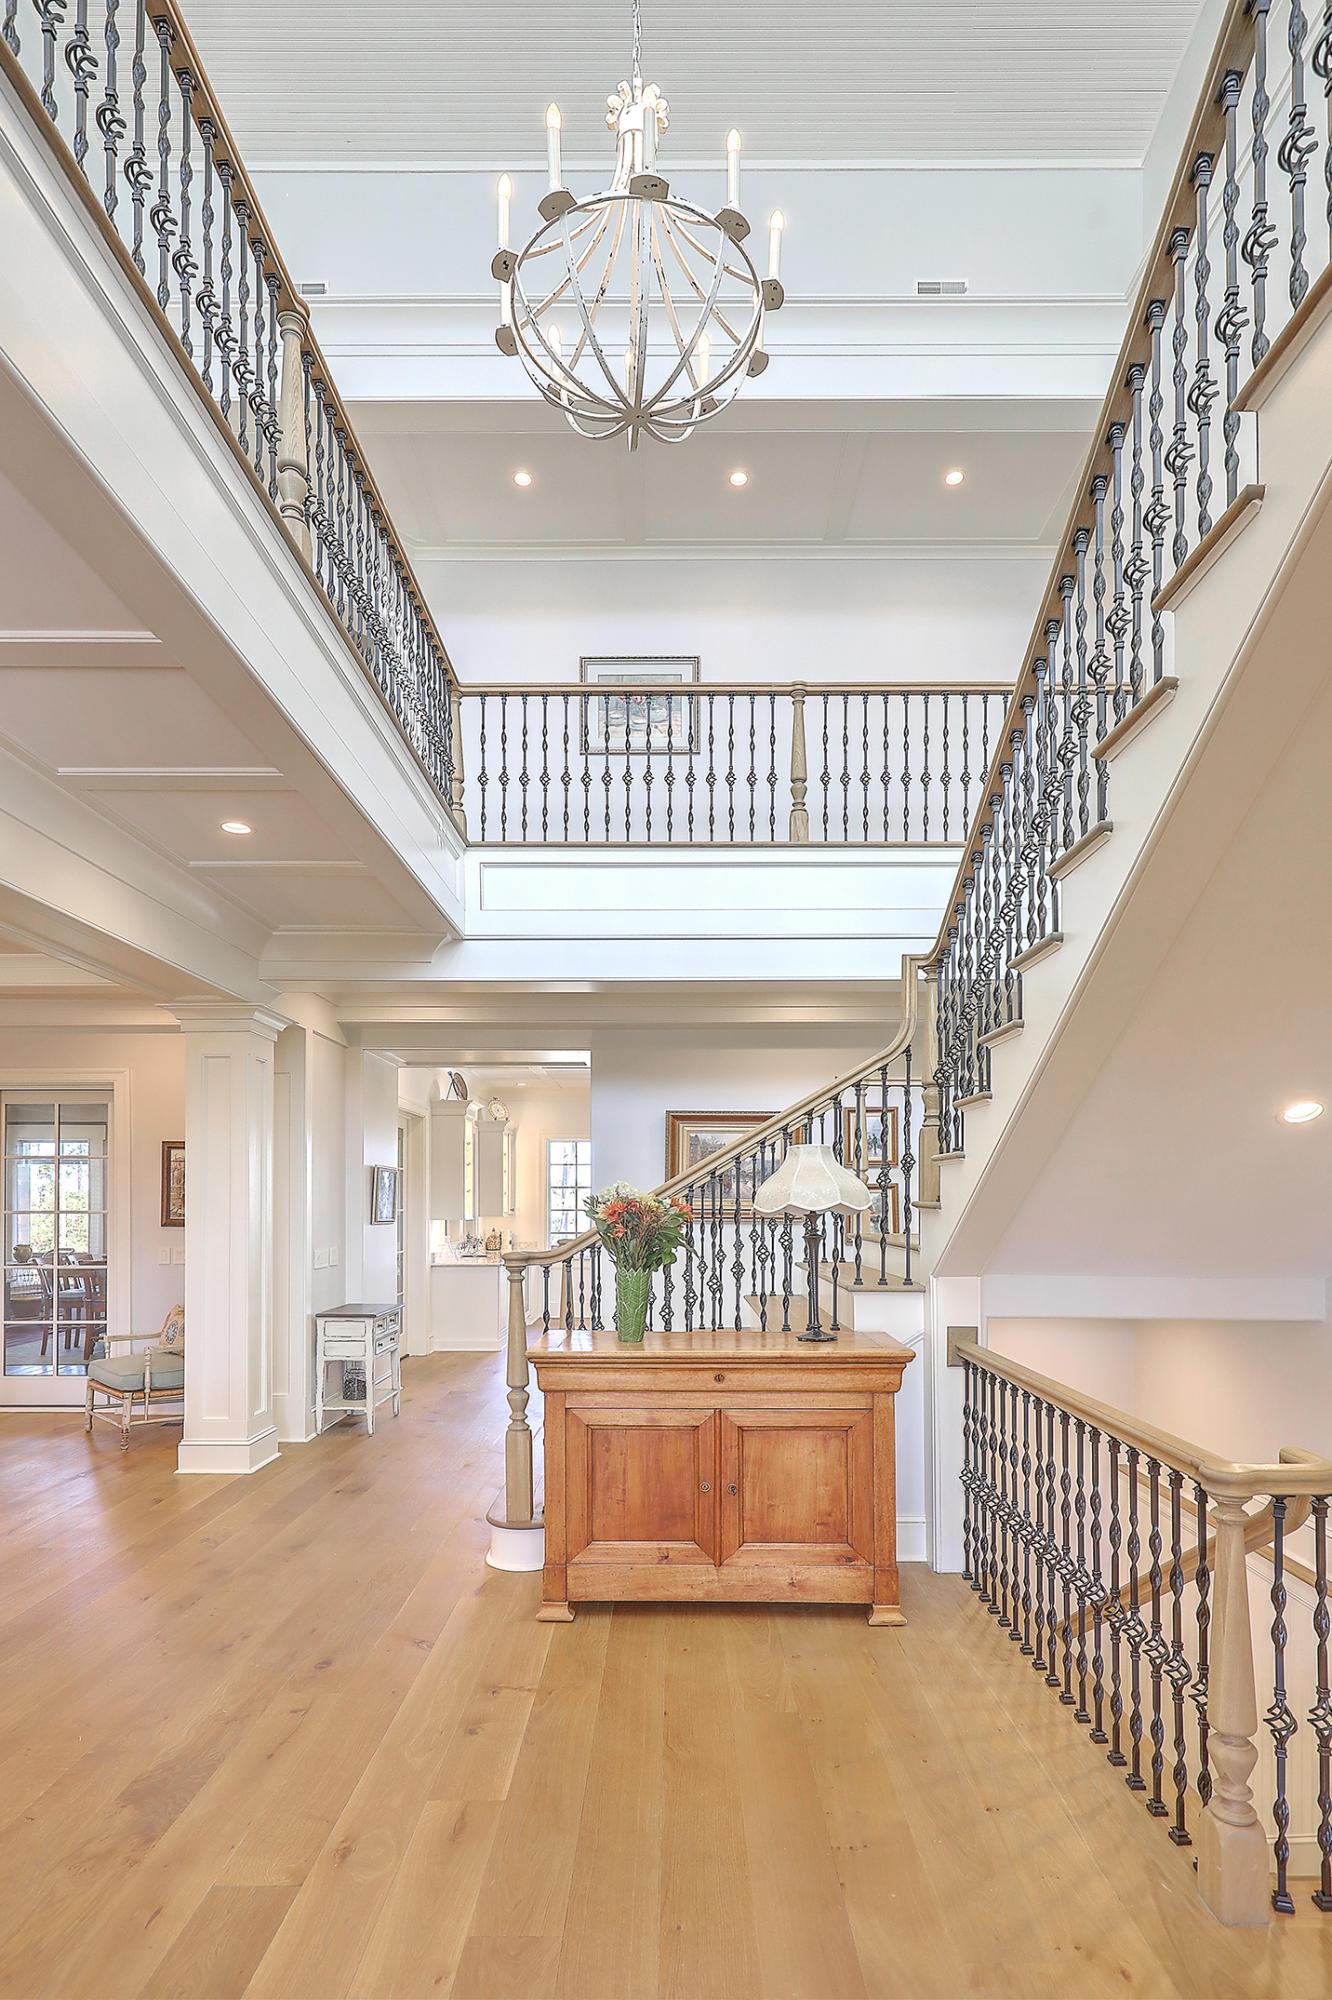 Park West Homes For Sale - 3905 Ashton Shore, Mount Pleasant, SC - 21